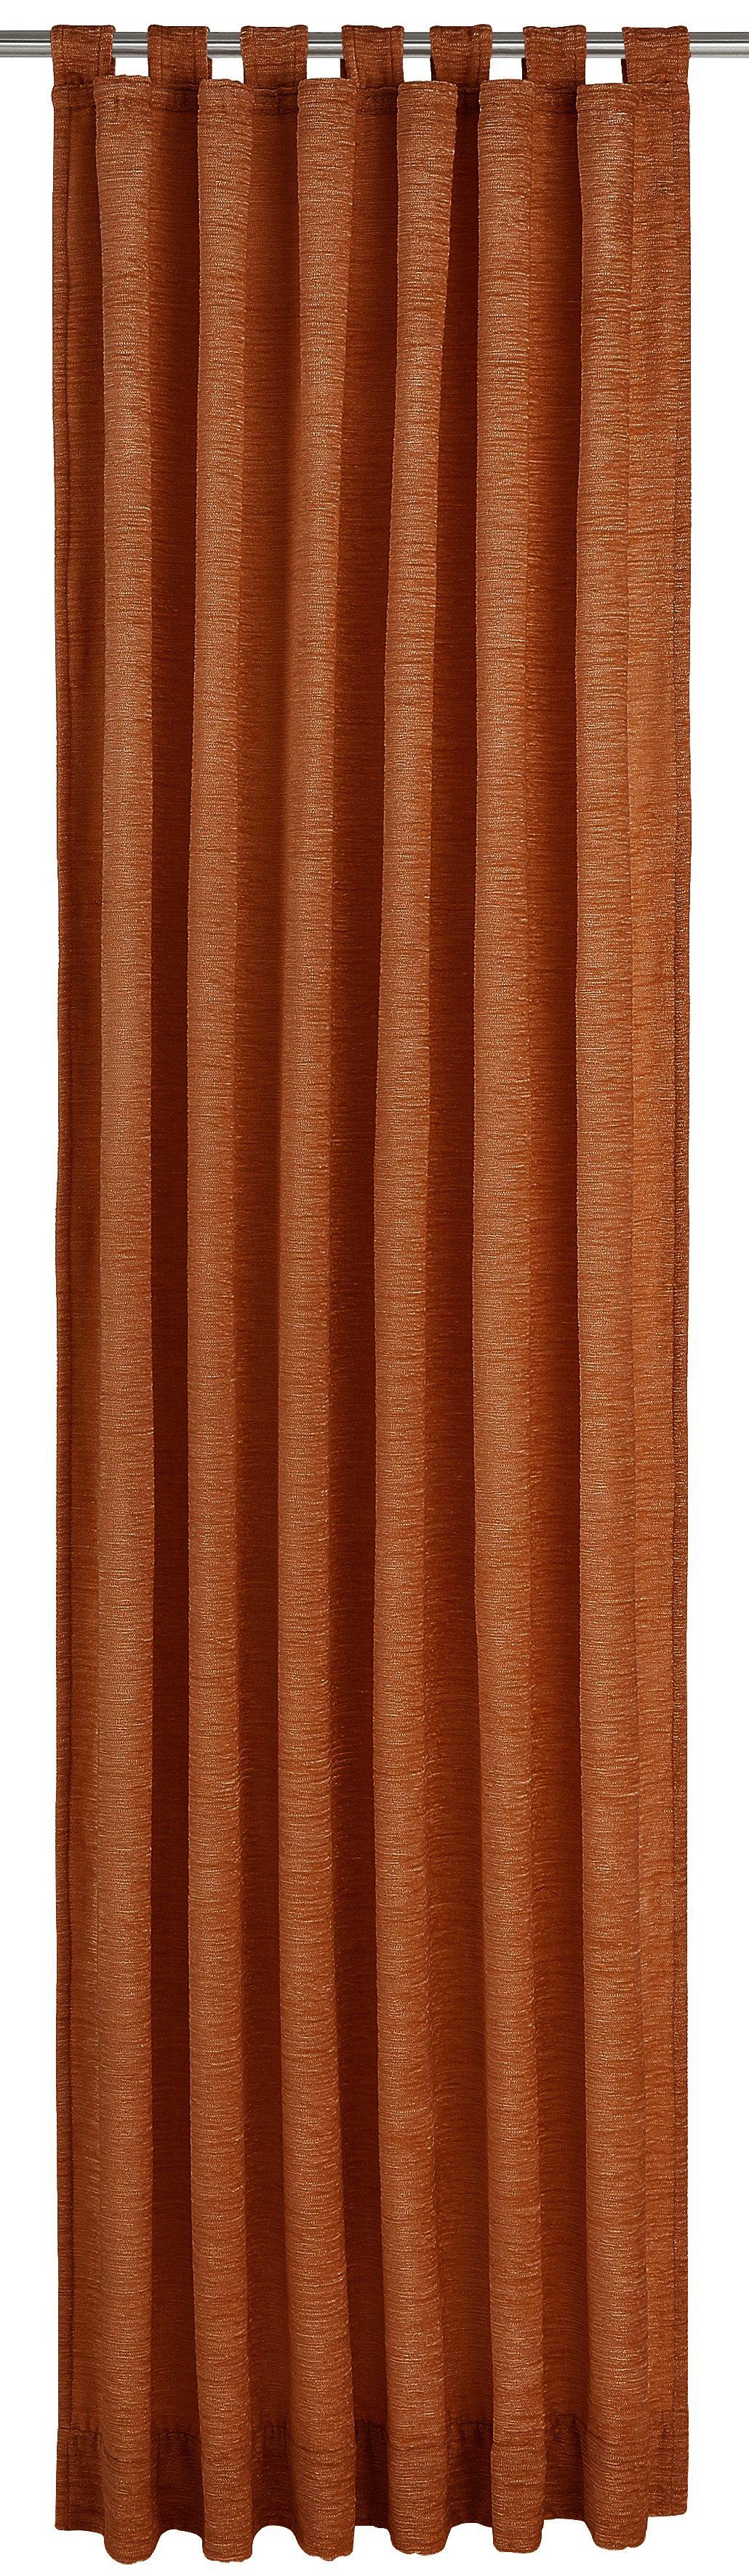 vorhang trondheim 328 g m wirth schlaufen 1 st ck. Black Bedroom Furniture Sets. Home Design Ideas